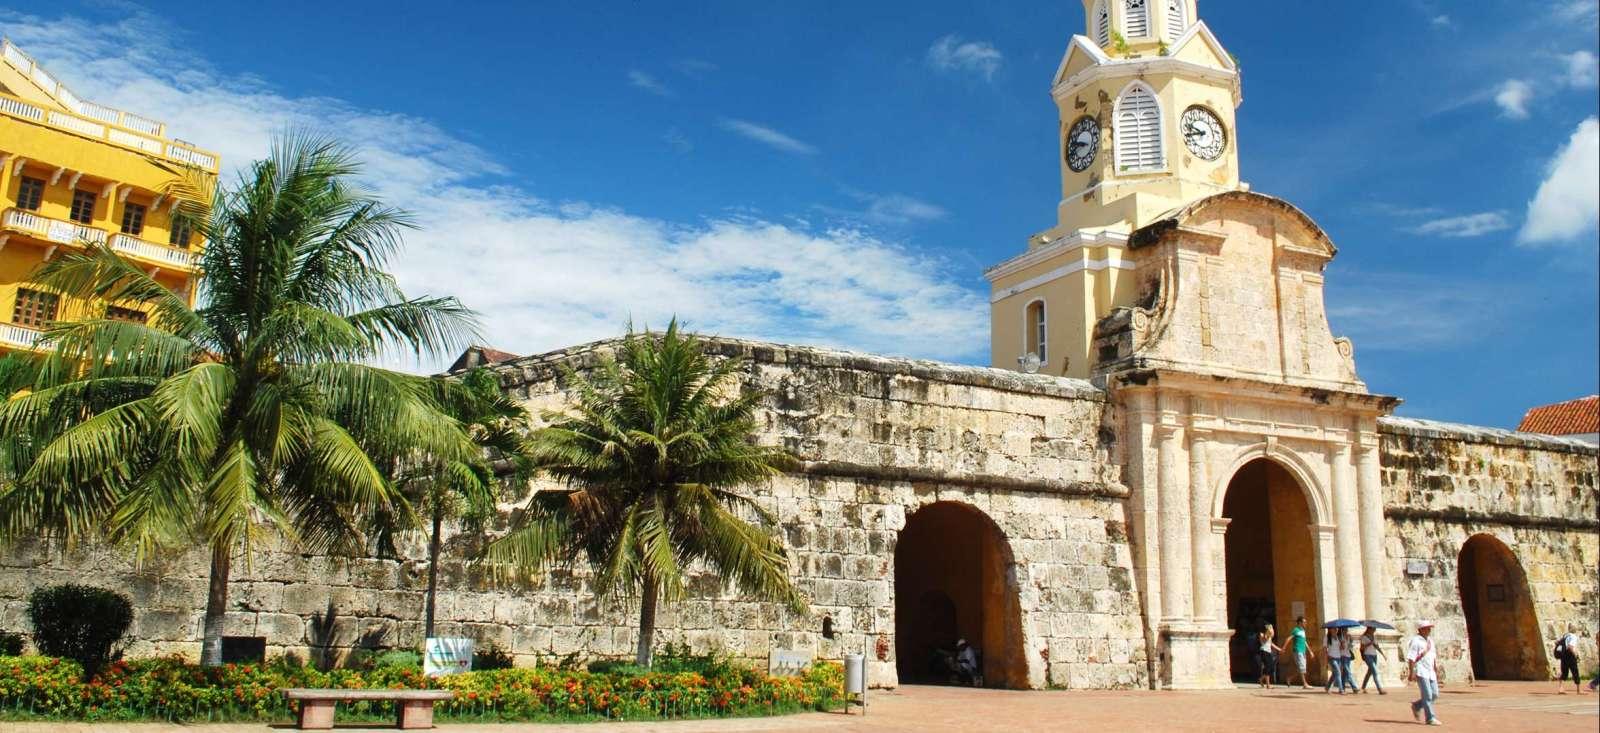 Voyage à thème : Immersion amazonienne et chaleur caribéenne